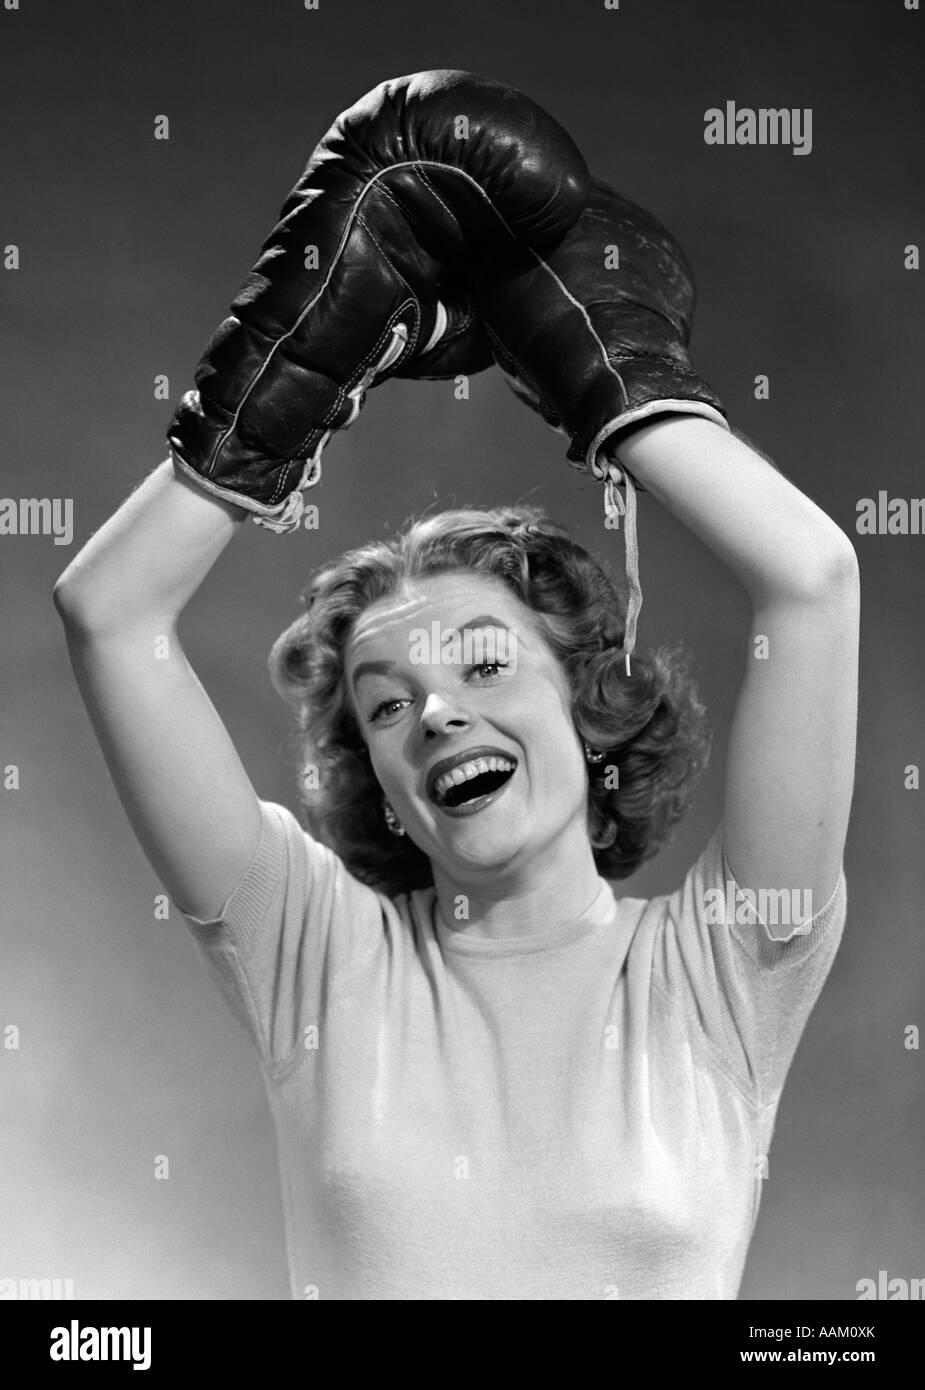 1950ER JAHRE PORTRAIT FRAU TRAGEN BOXHANDSCHUHE IN AUSGEZEICHNETEN POSE ARMEN ERHÖHT OVERHEAD BLICK IN DIE Stockbild